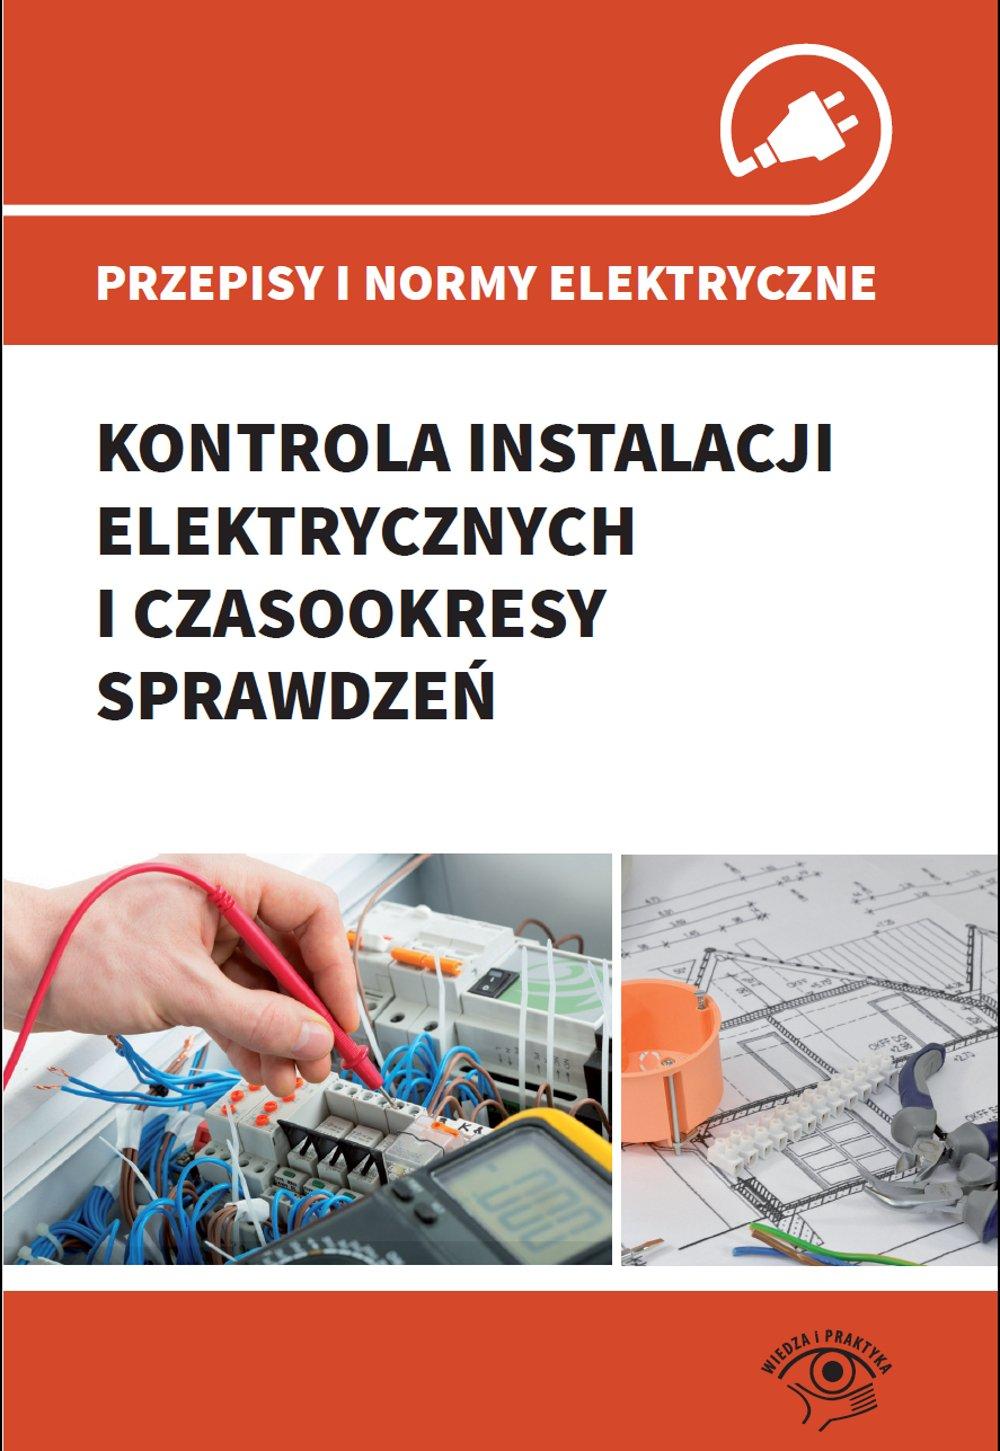 Przepisy i normy elektryczne - kontrola instalacji elektrycznych i czasookresy sprawdzeń - Ebook (Książka PDF) do pobrania w formacie PDF